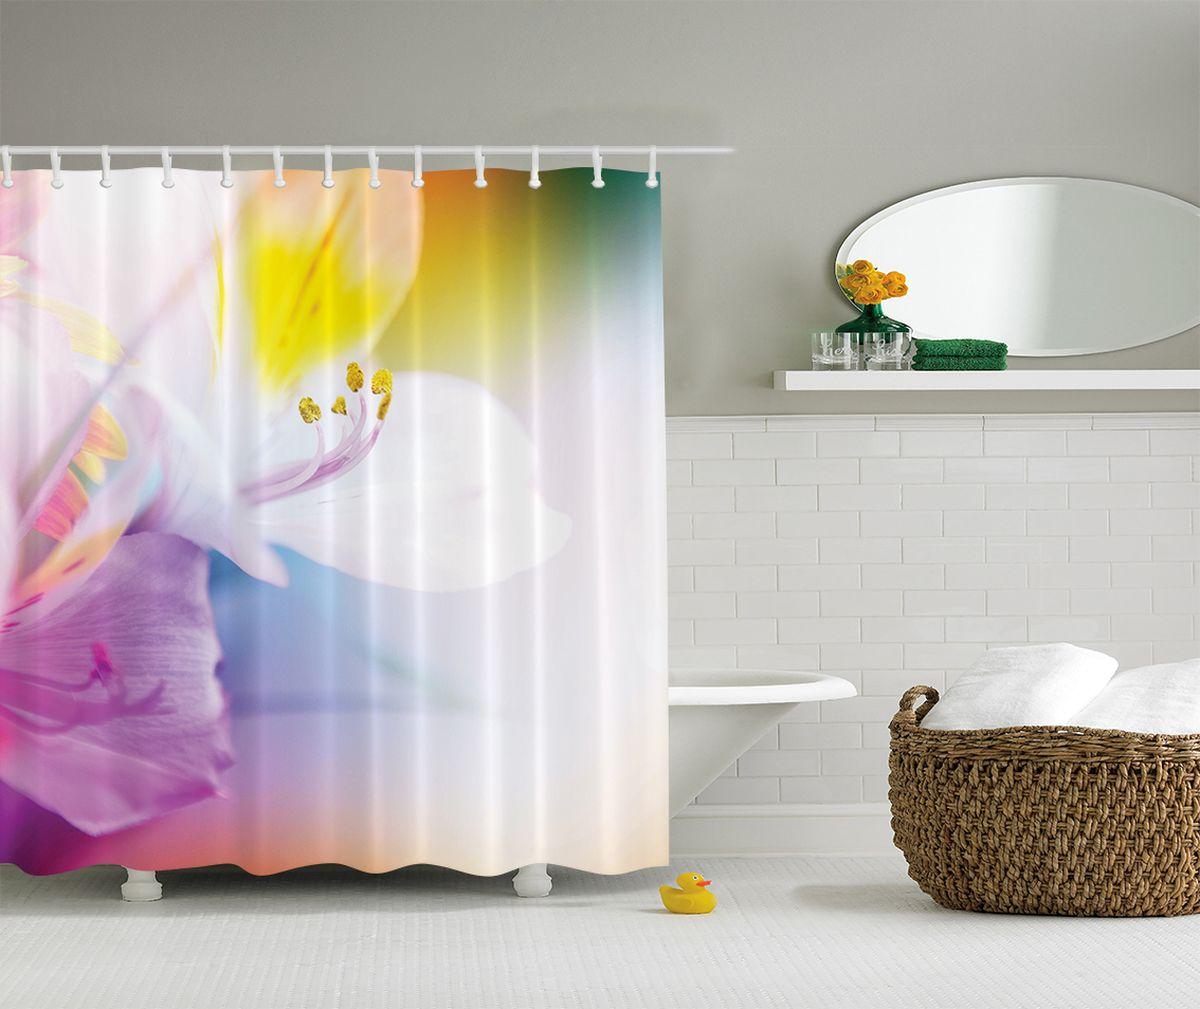 Штора для ванной комнаты Magic Lady Кадр лилии, 180 х 200 смшв_2627Штора Magic Lady PКадр лилии, изготовленная из высококачественного сатена (полиэстер 100%), отлично дополнит любой интерьер ванной комнаты. При изготовлении используются специальные гипоаллергенные чернила для прямой печати по ткани, безопасные для человека. В комплекте: 1 штора, 12 крючков. Обращаем ваше внимание, фактический цвет изделия может незначительно отличаться от представленного на фото.